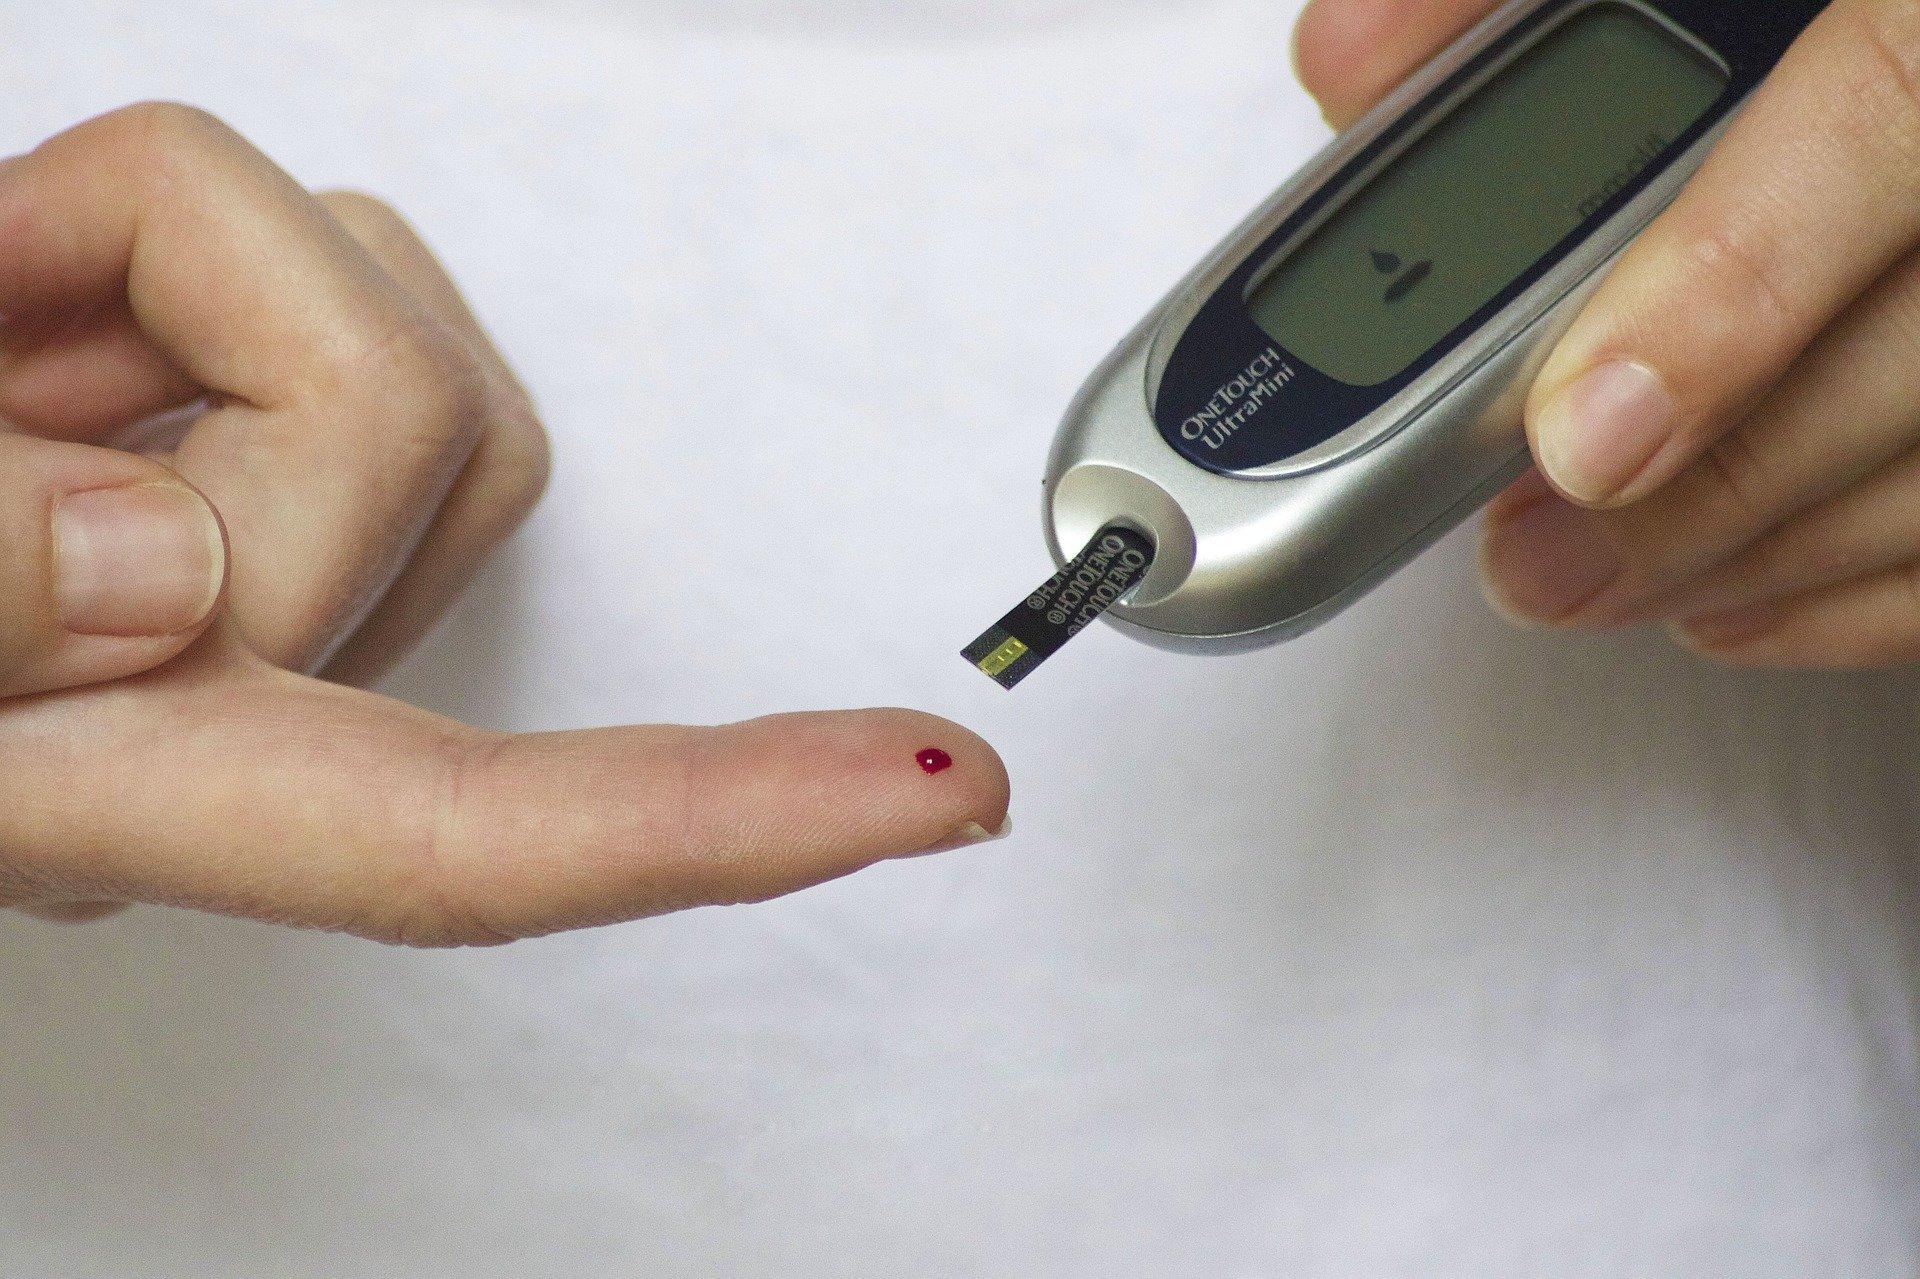 Statine im Zusammenhang mit einem höheren Risiko von diabetes und Infektionen der Haut